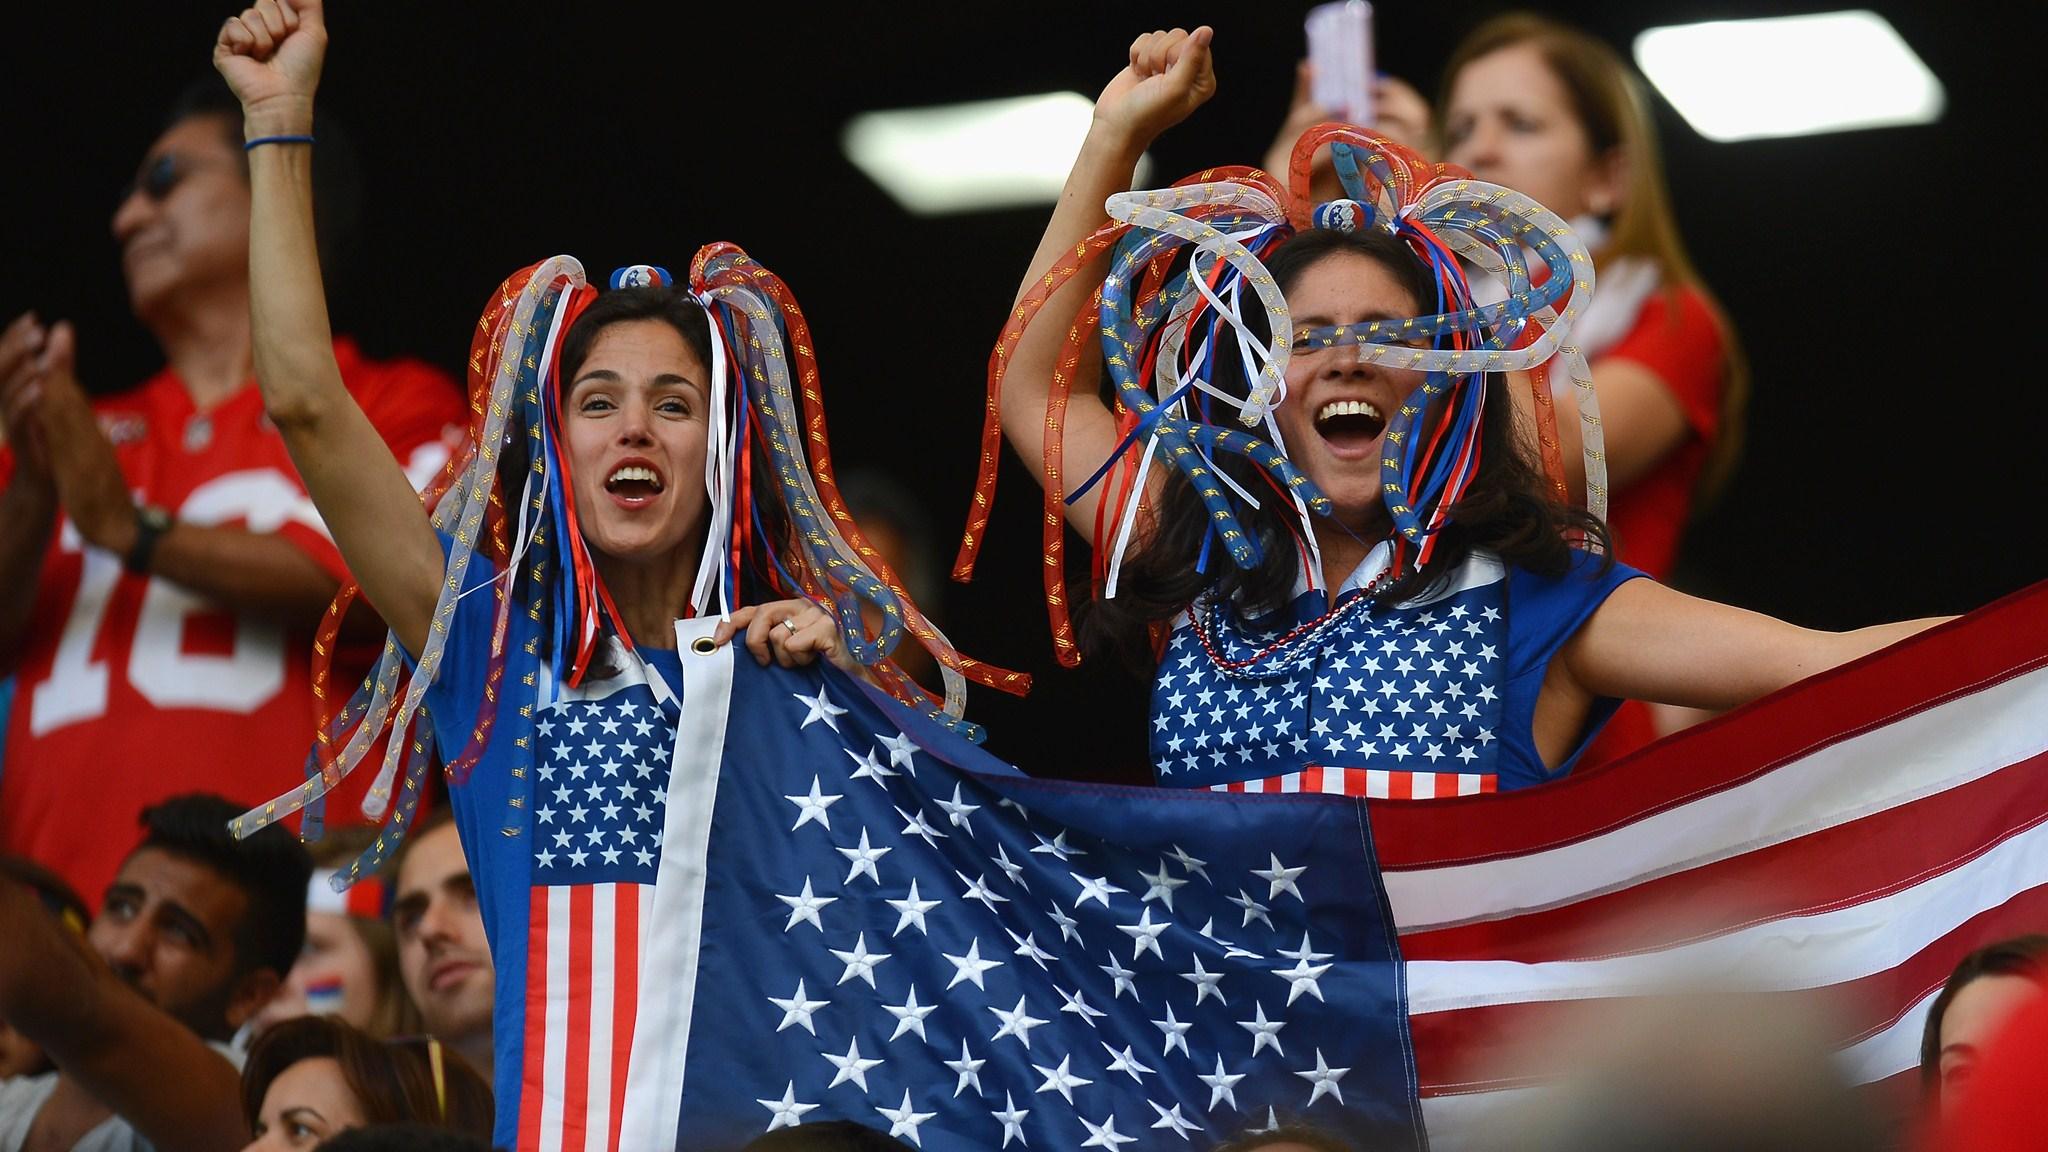 126 - Belgium-USA [2-1 - Belgium win after extra time ] -- 01 Jul 2014 - 17-00